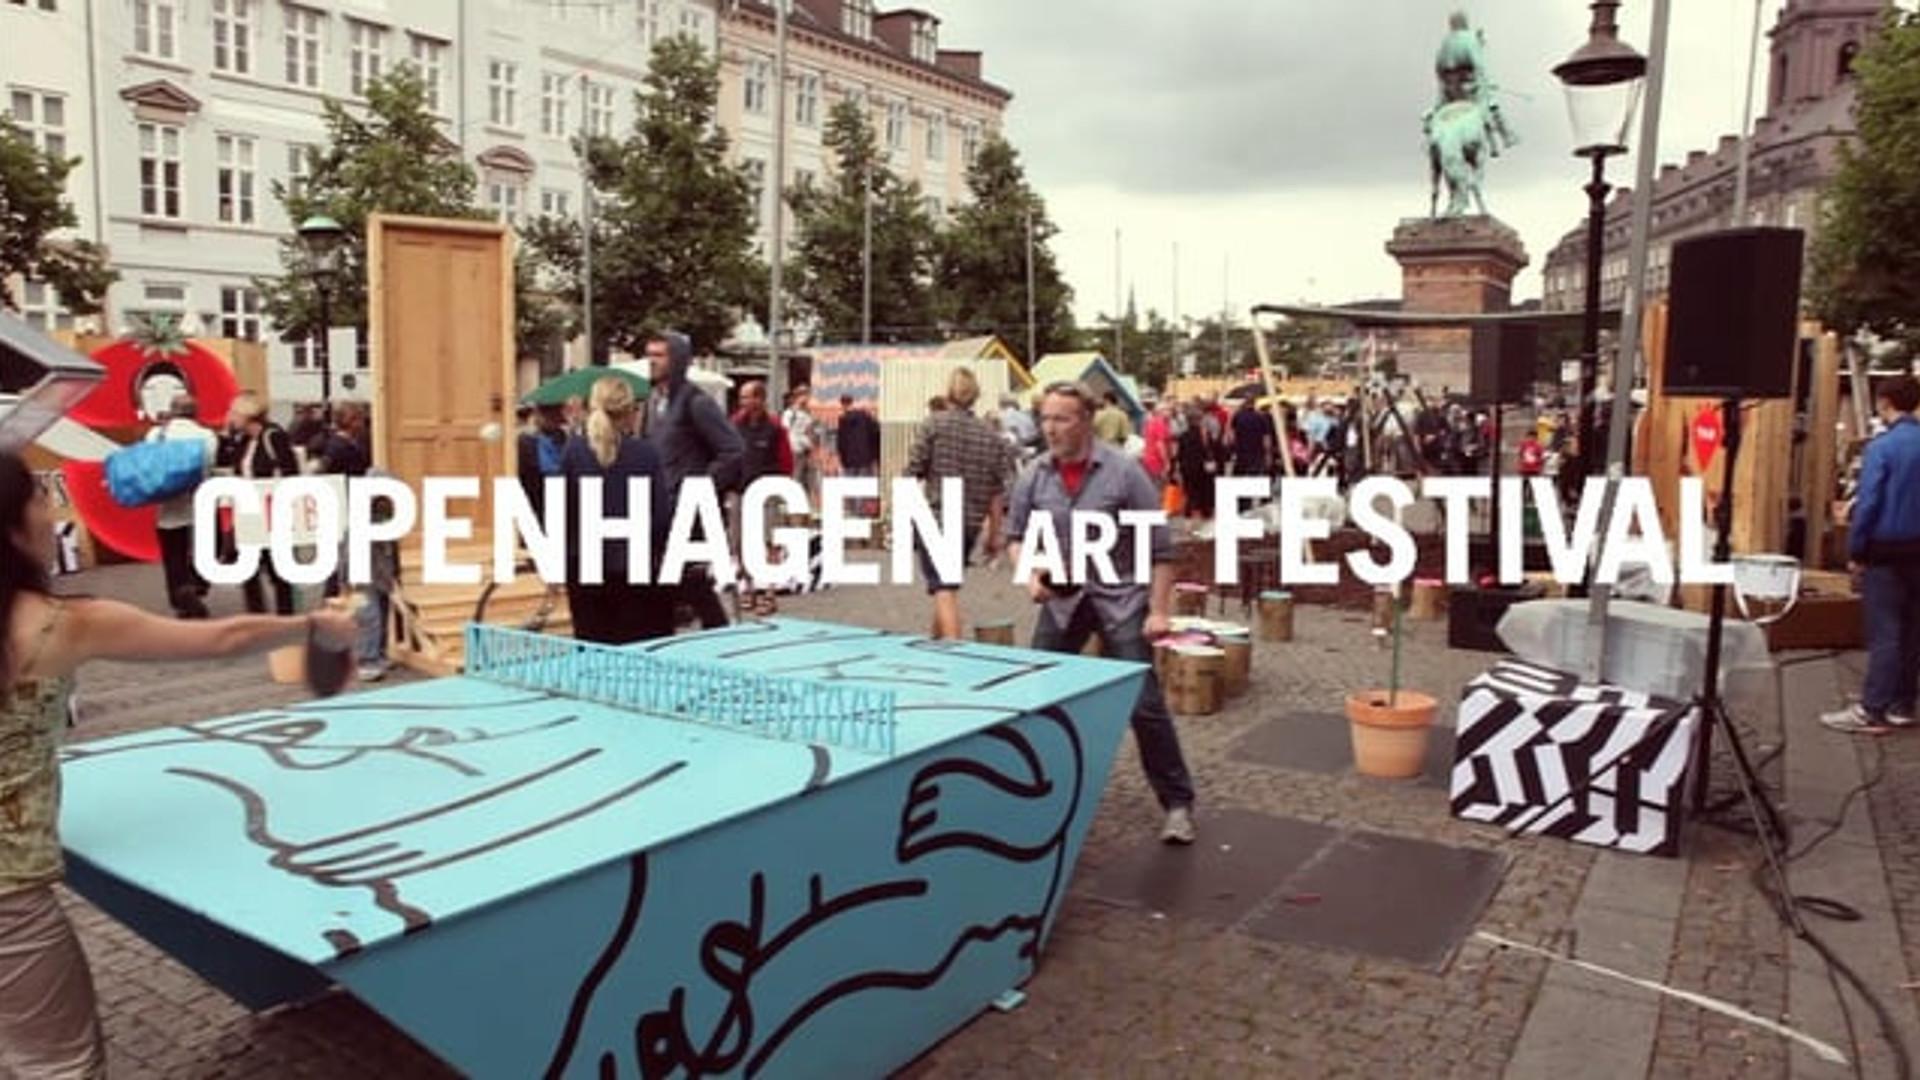 Jeppe Hein / Copenhagen Art Festival 2012.